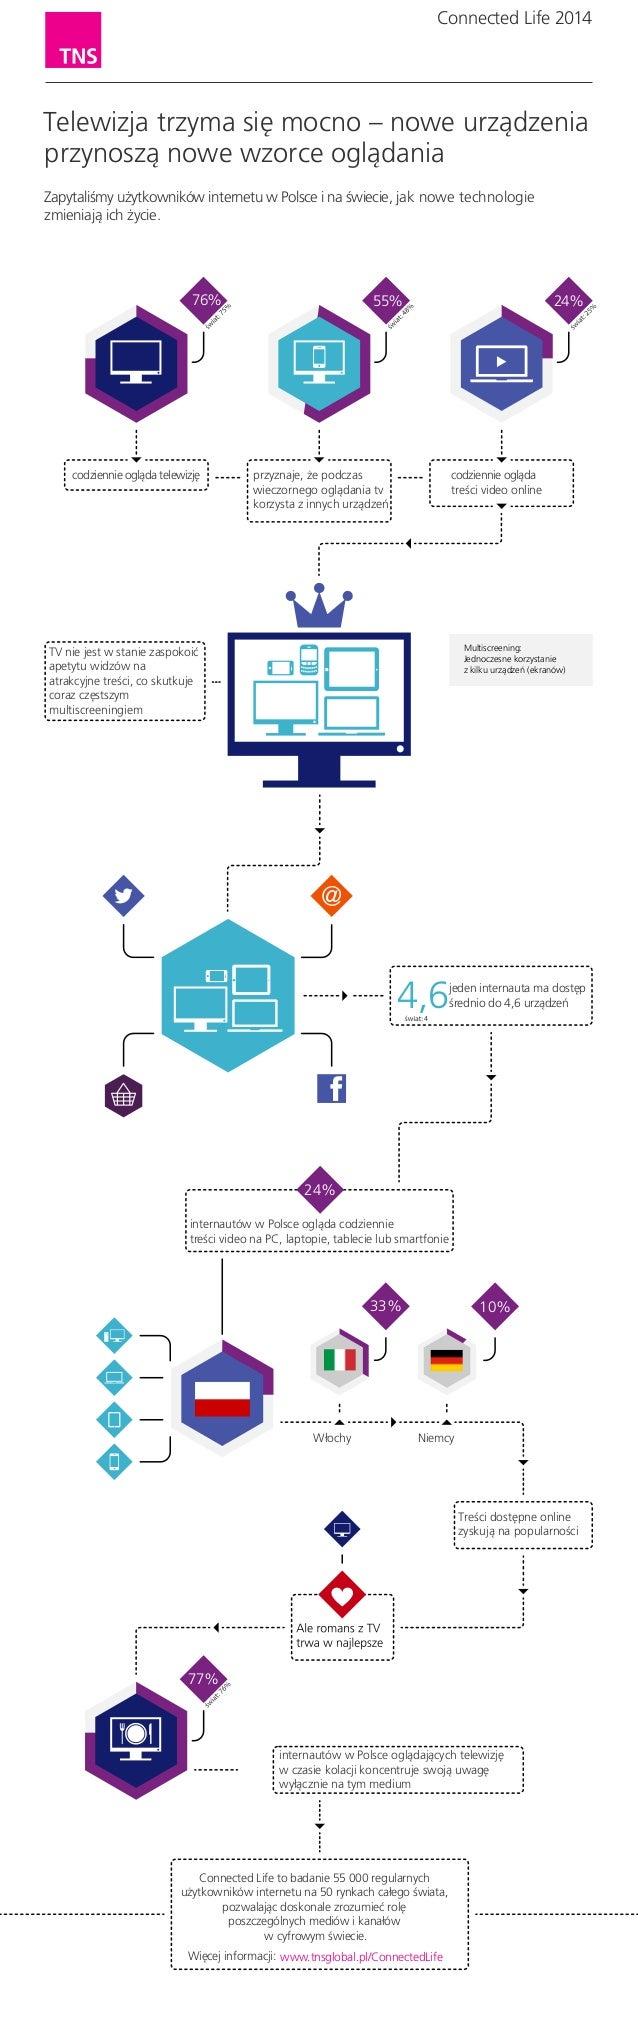 Telewizja trzyma się mocno - wybrane dane na temat relacji internet - telewizja z Connected Life od TNS Polska